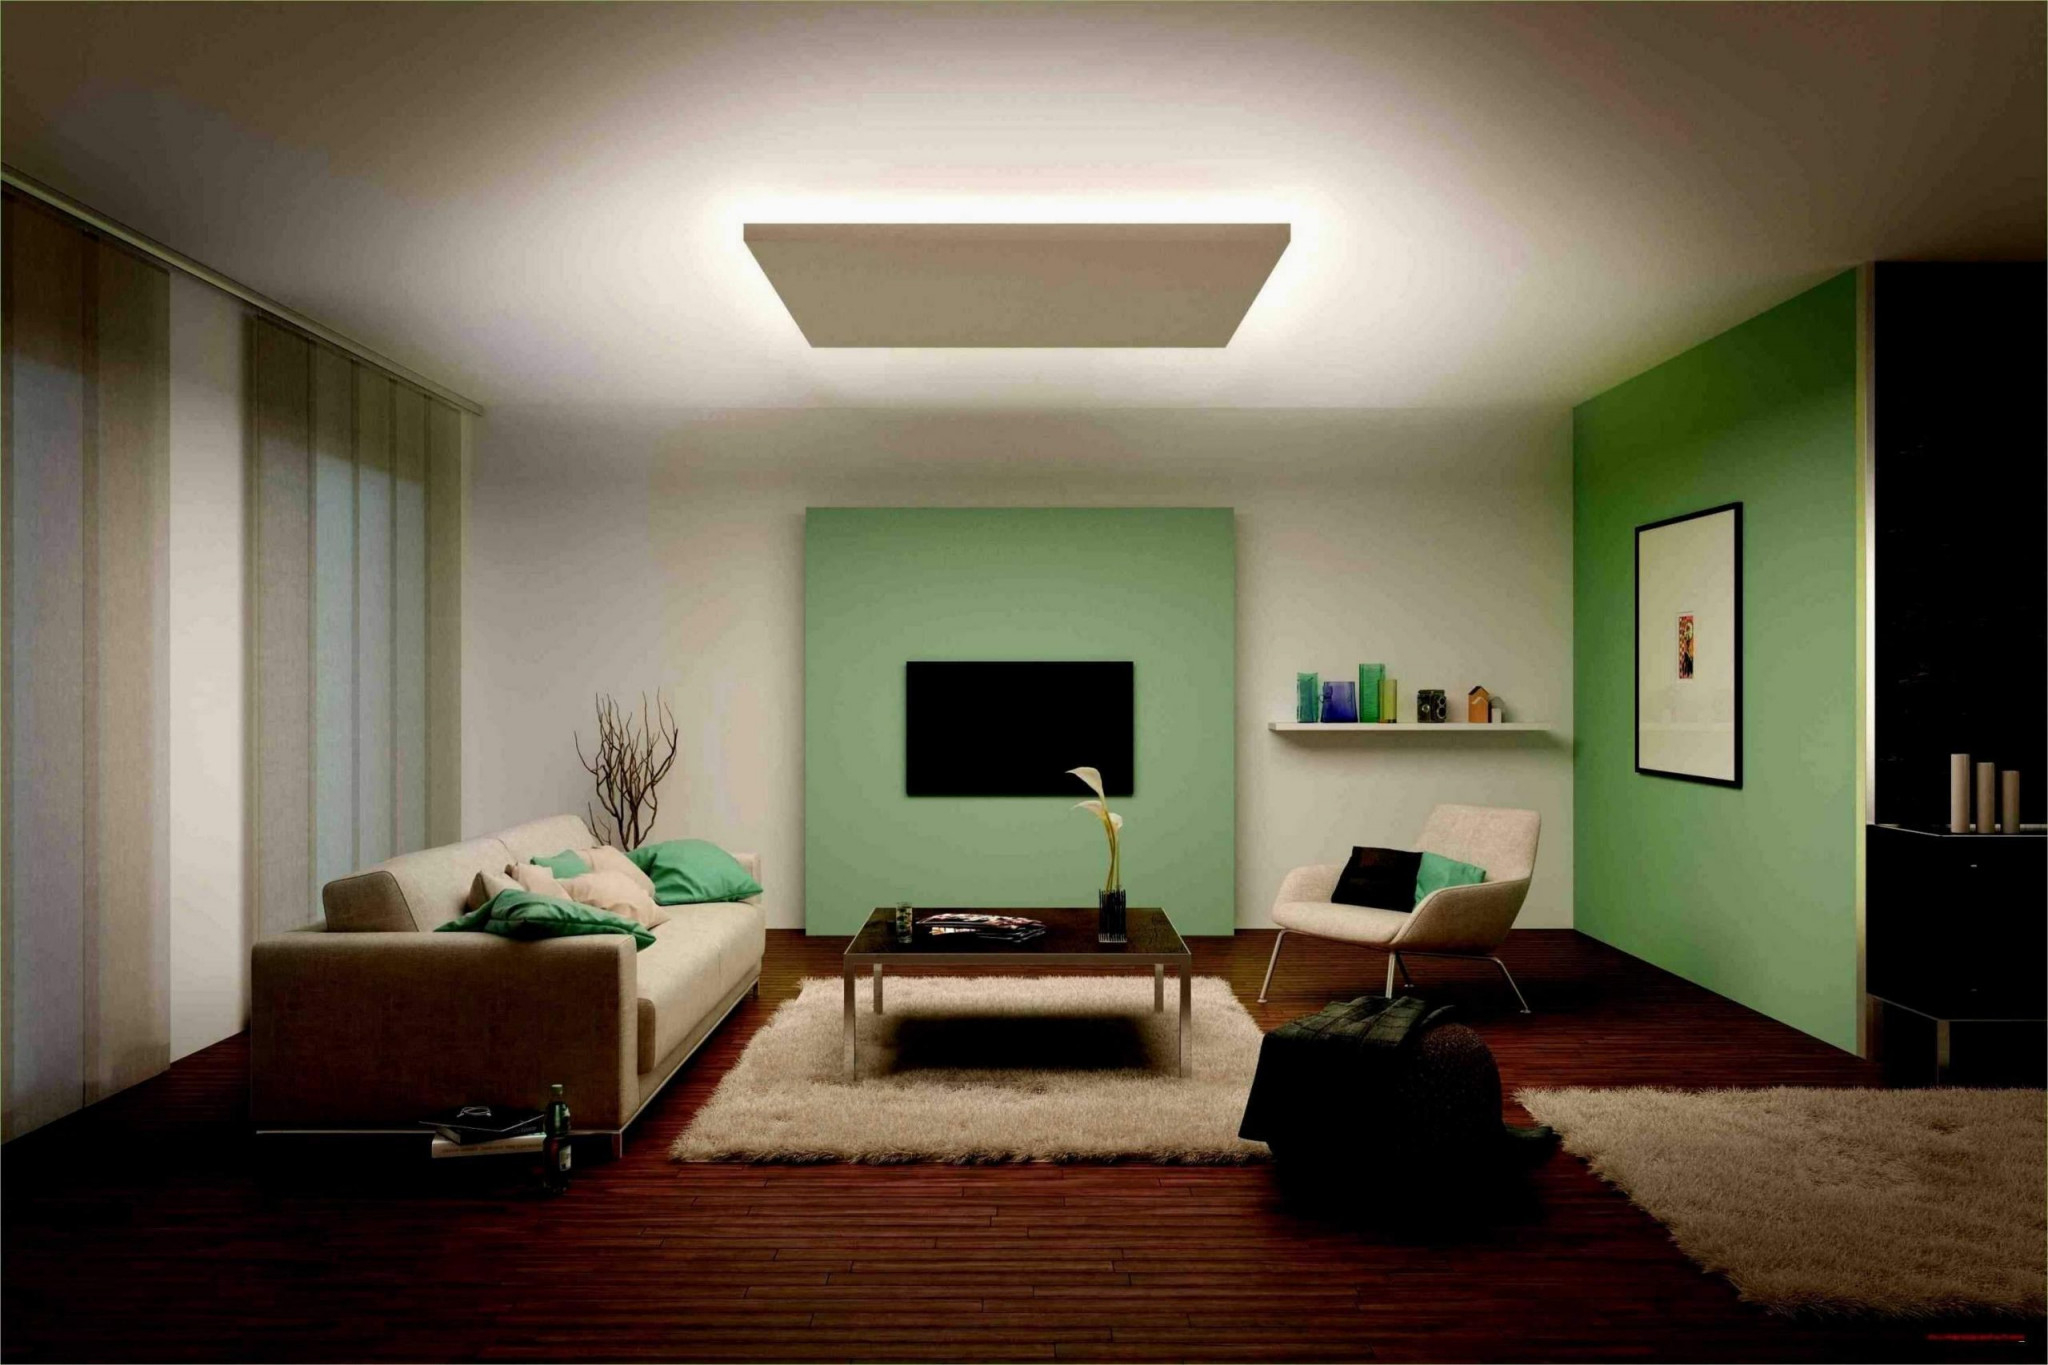 Indirektes Licht Wohnzimmer Genial Led Beleuchtung von Wohnzimmer Lampe Indirektes Licht Bild